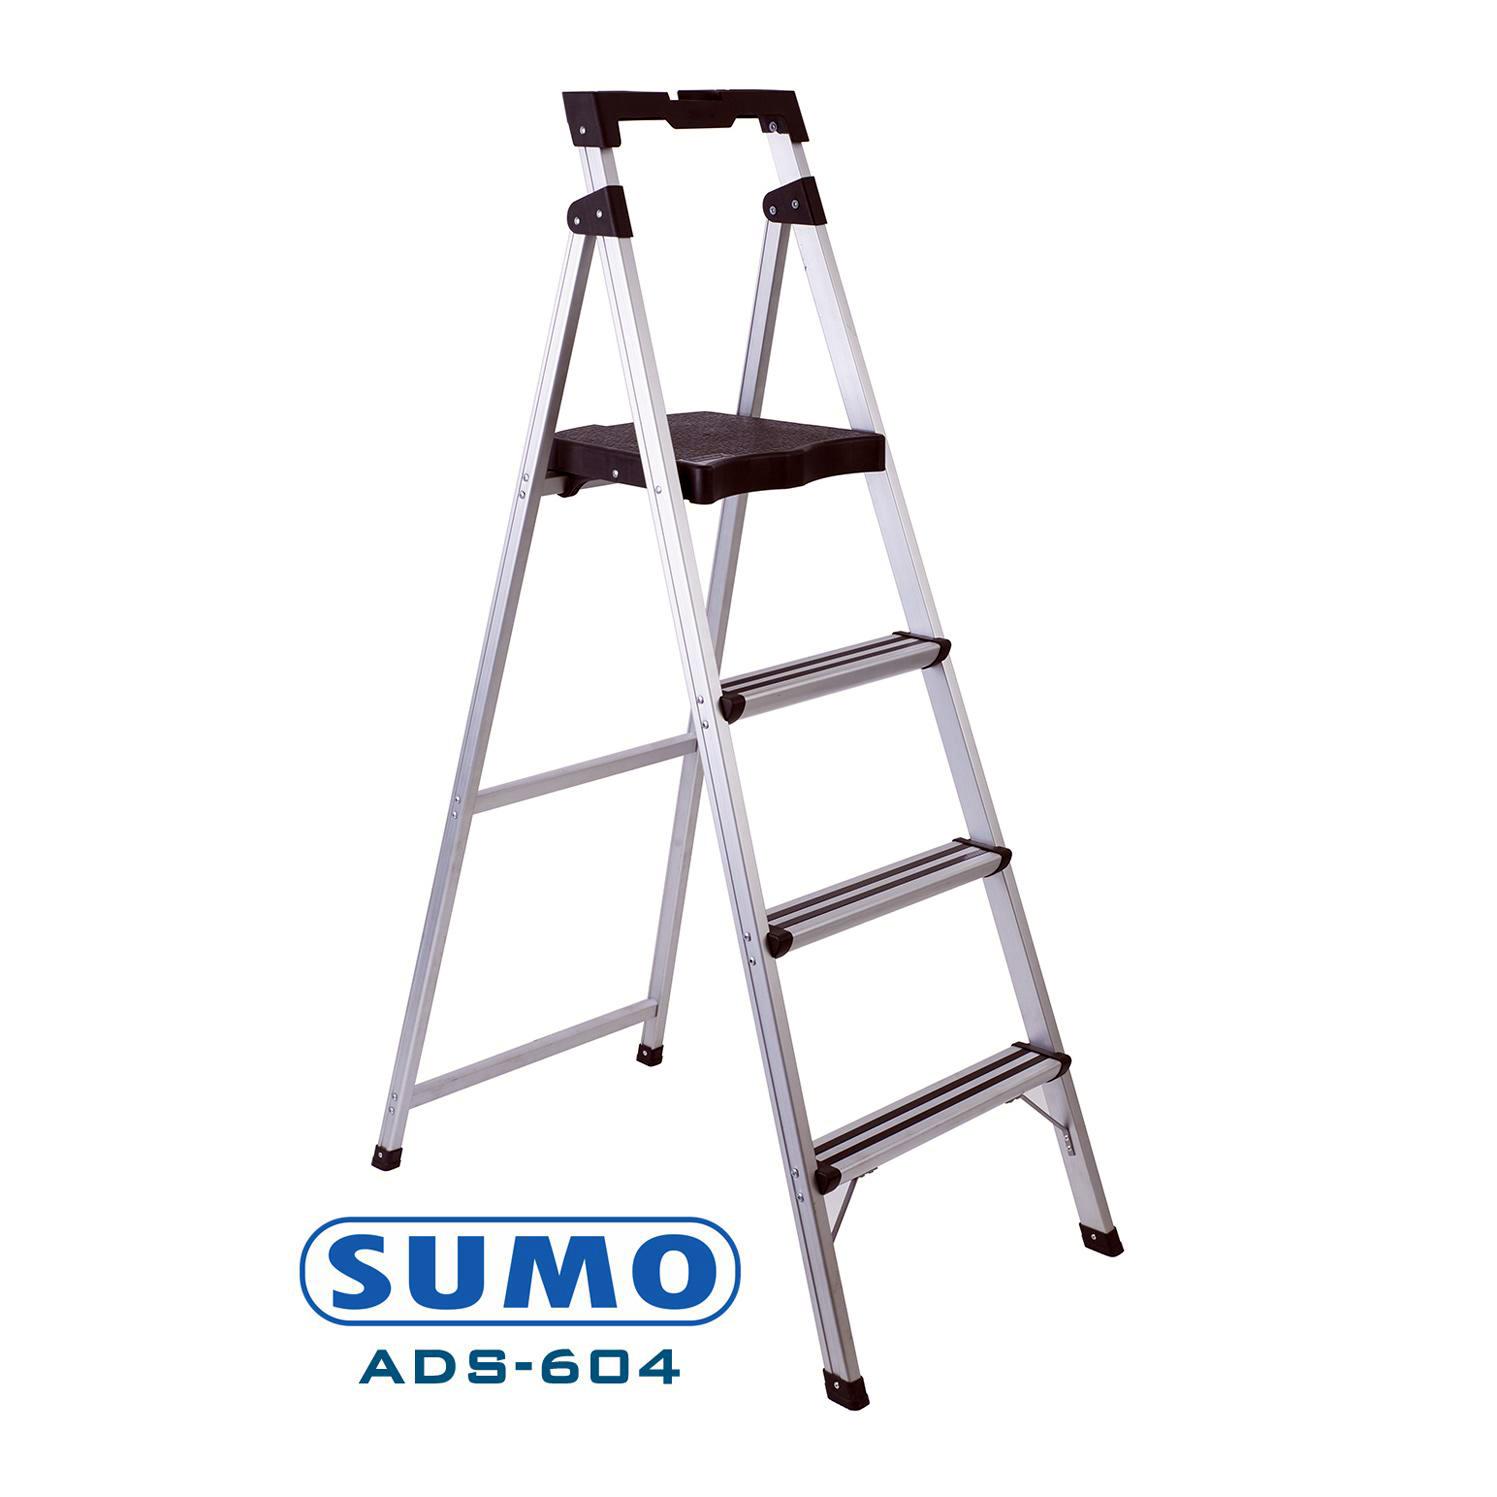 thang-nhom-ghe-4-bac-sumo-ads-604-gia-re-11-21112018115553-167.jpg